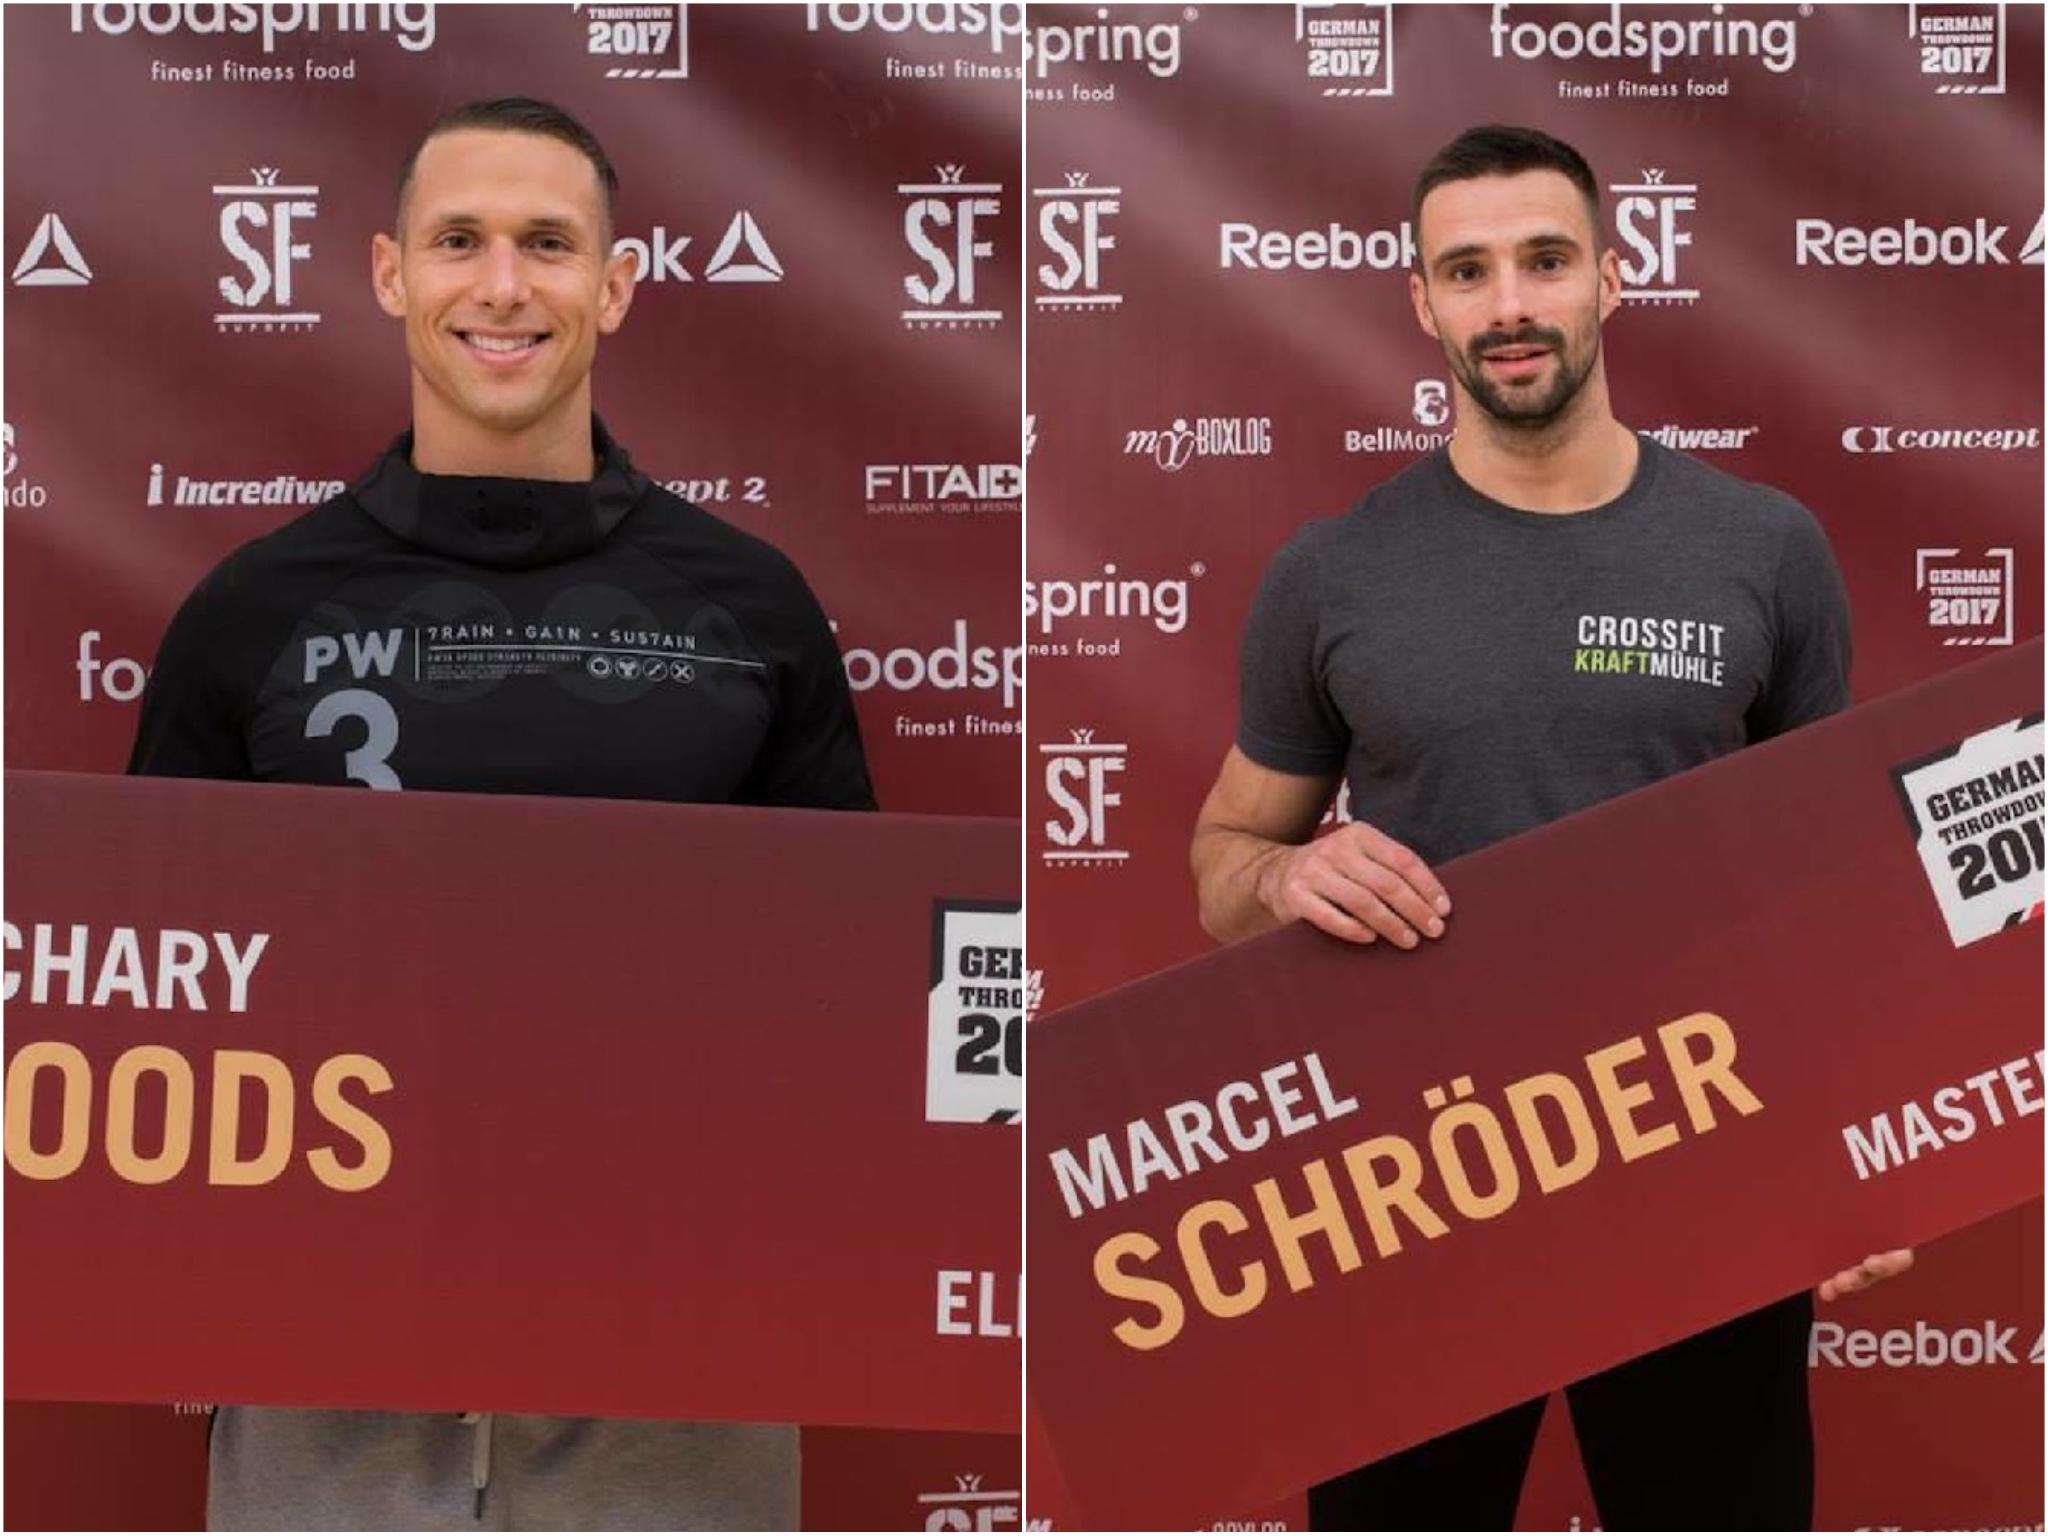 Zach Woods & Marcel Schröder beim German Throwdown 2017. Foto: GTDZach Woods & Marcel Schröder beim German Throwdown 2017. Foto: GTD